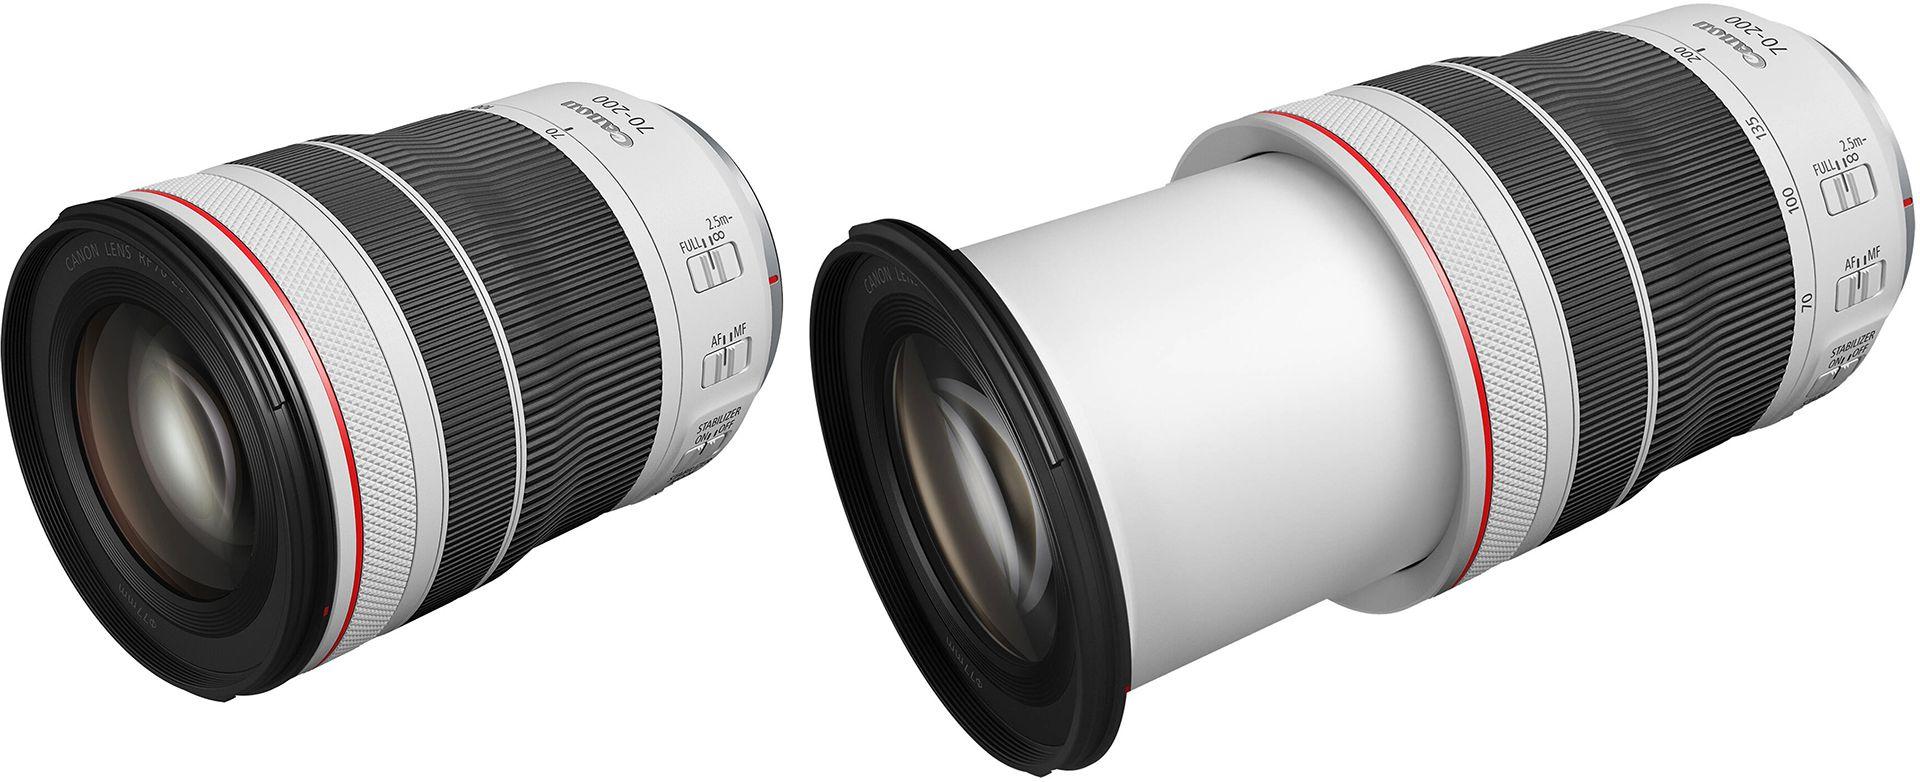 Canon RF 70-200mm f/4L IS USM в минимальных и максимальных габаритах